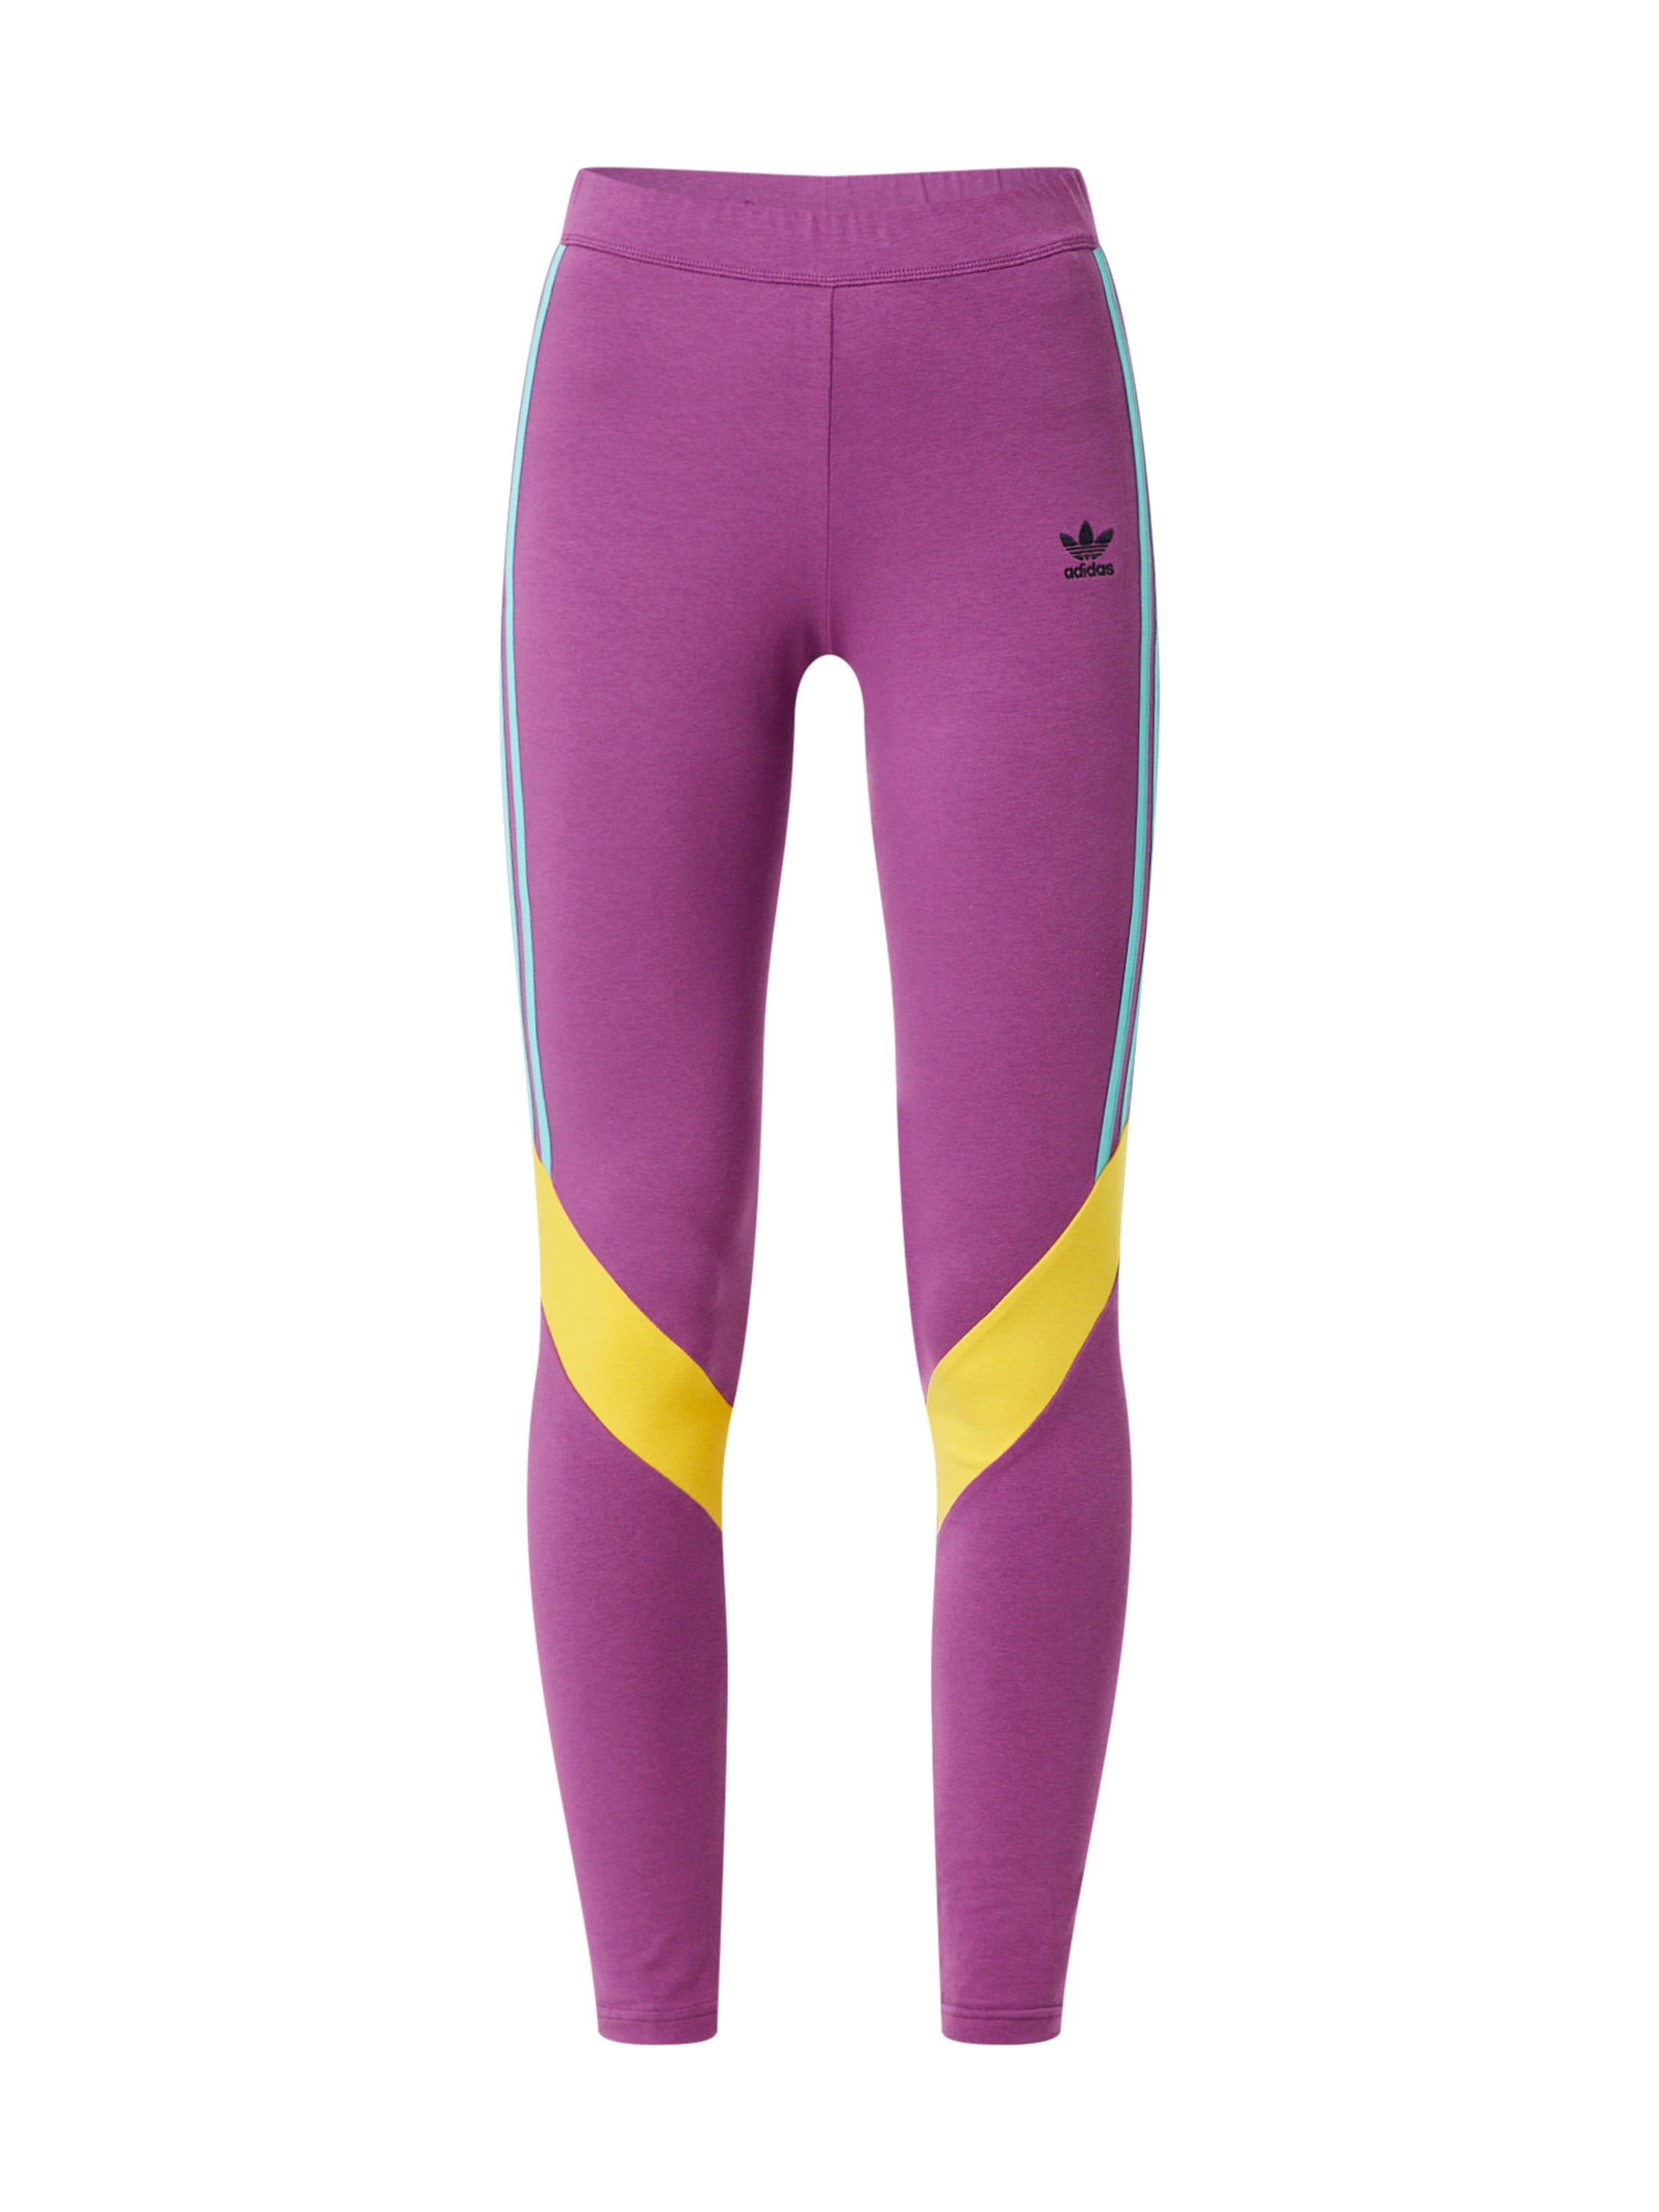 Originals Adidas En Adidas Originals Violet Violet En Adidas Leggings Leggings wPuOXZTki